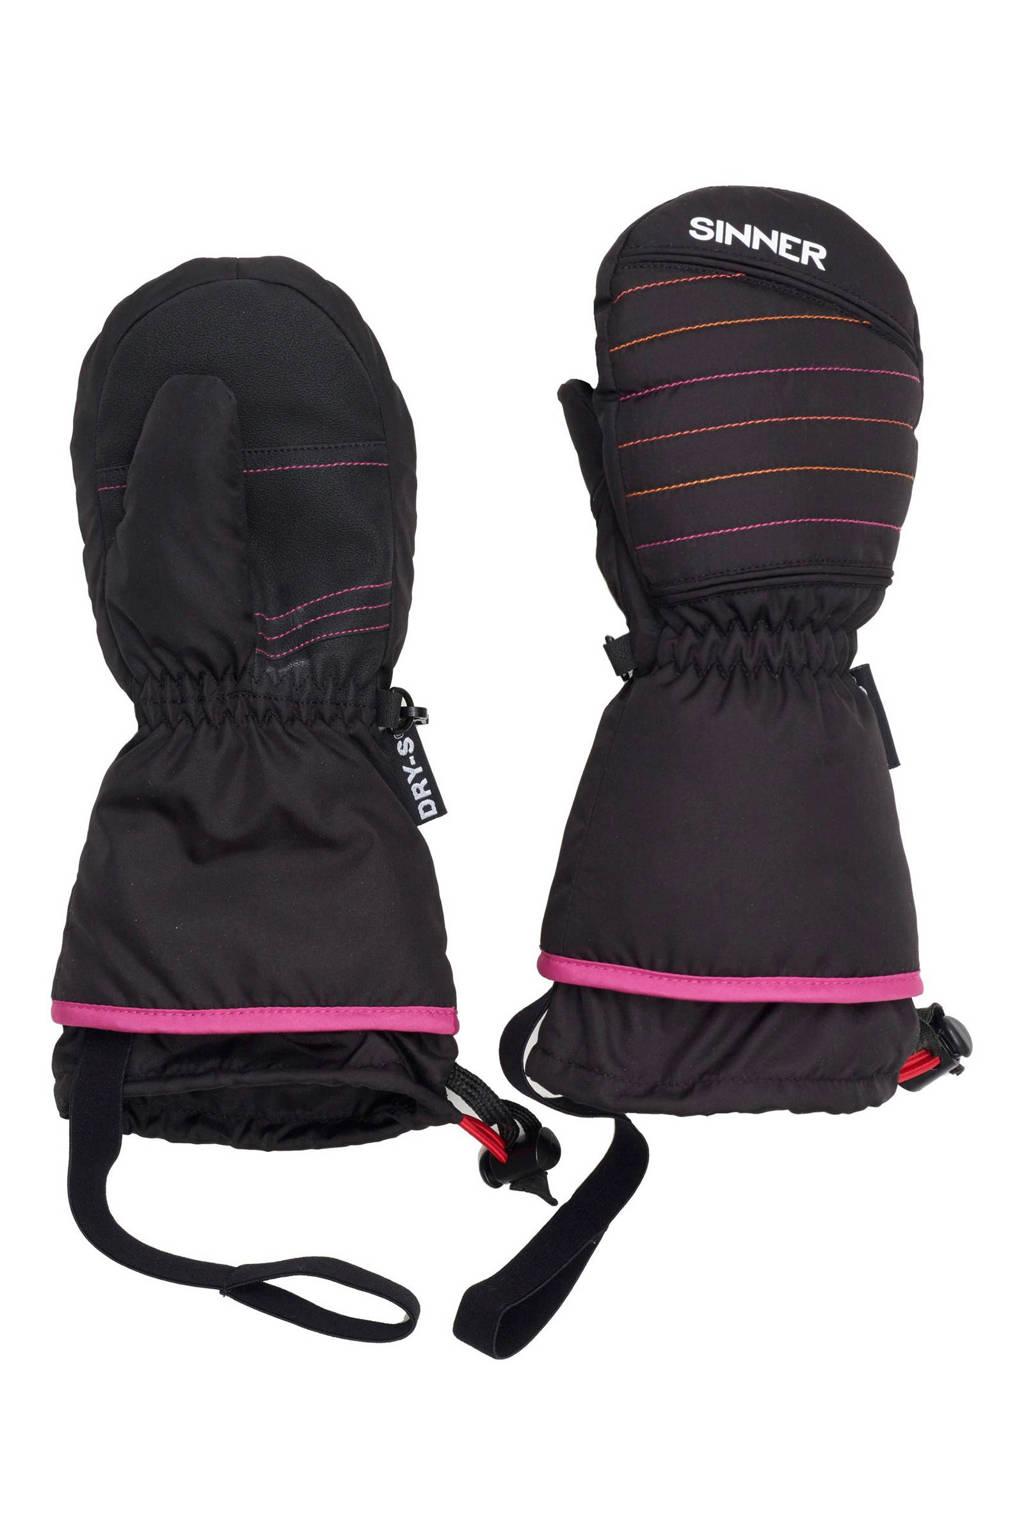 Sinner skihandschoenen Stratton Mitten Junior, Zwart/roze